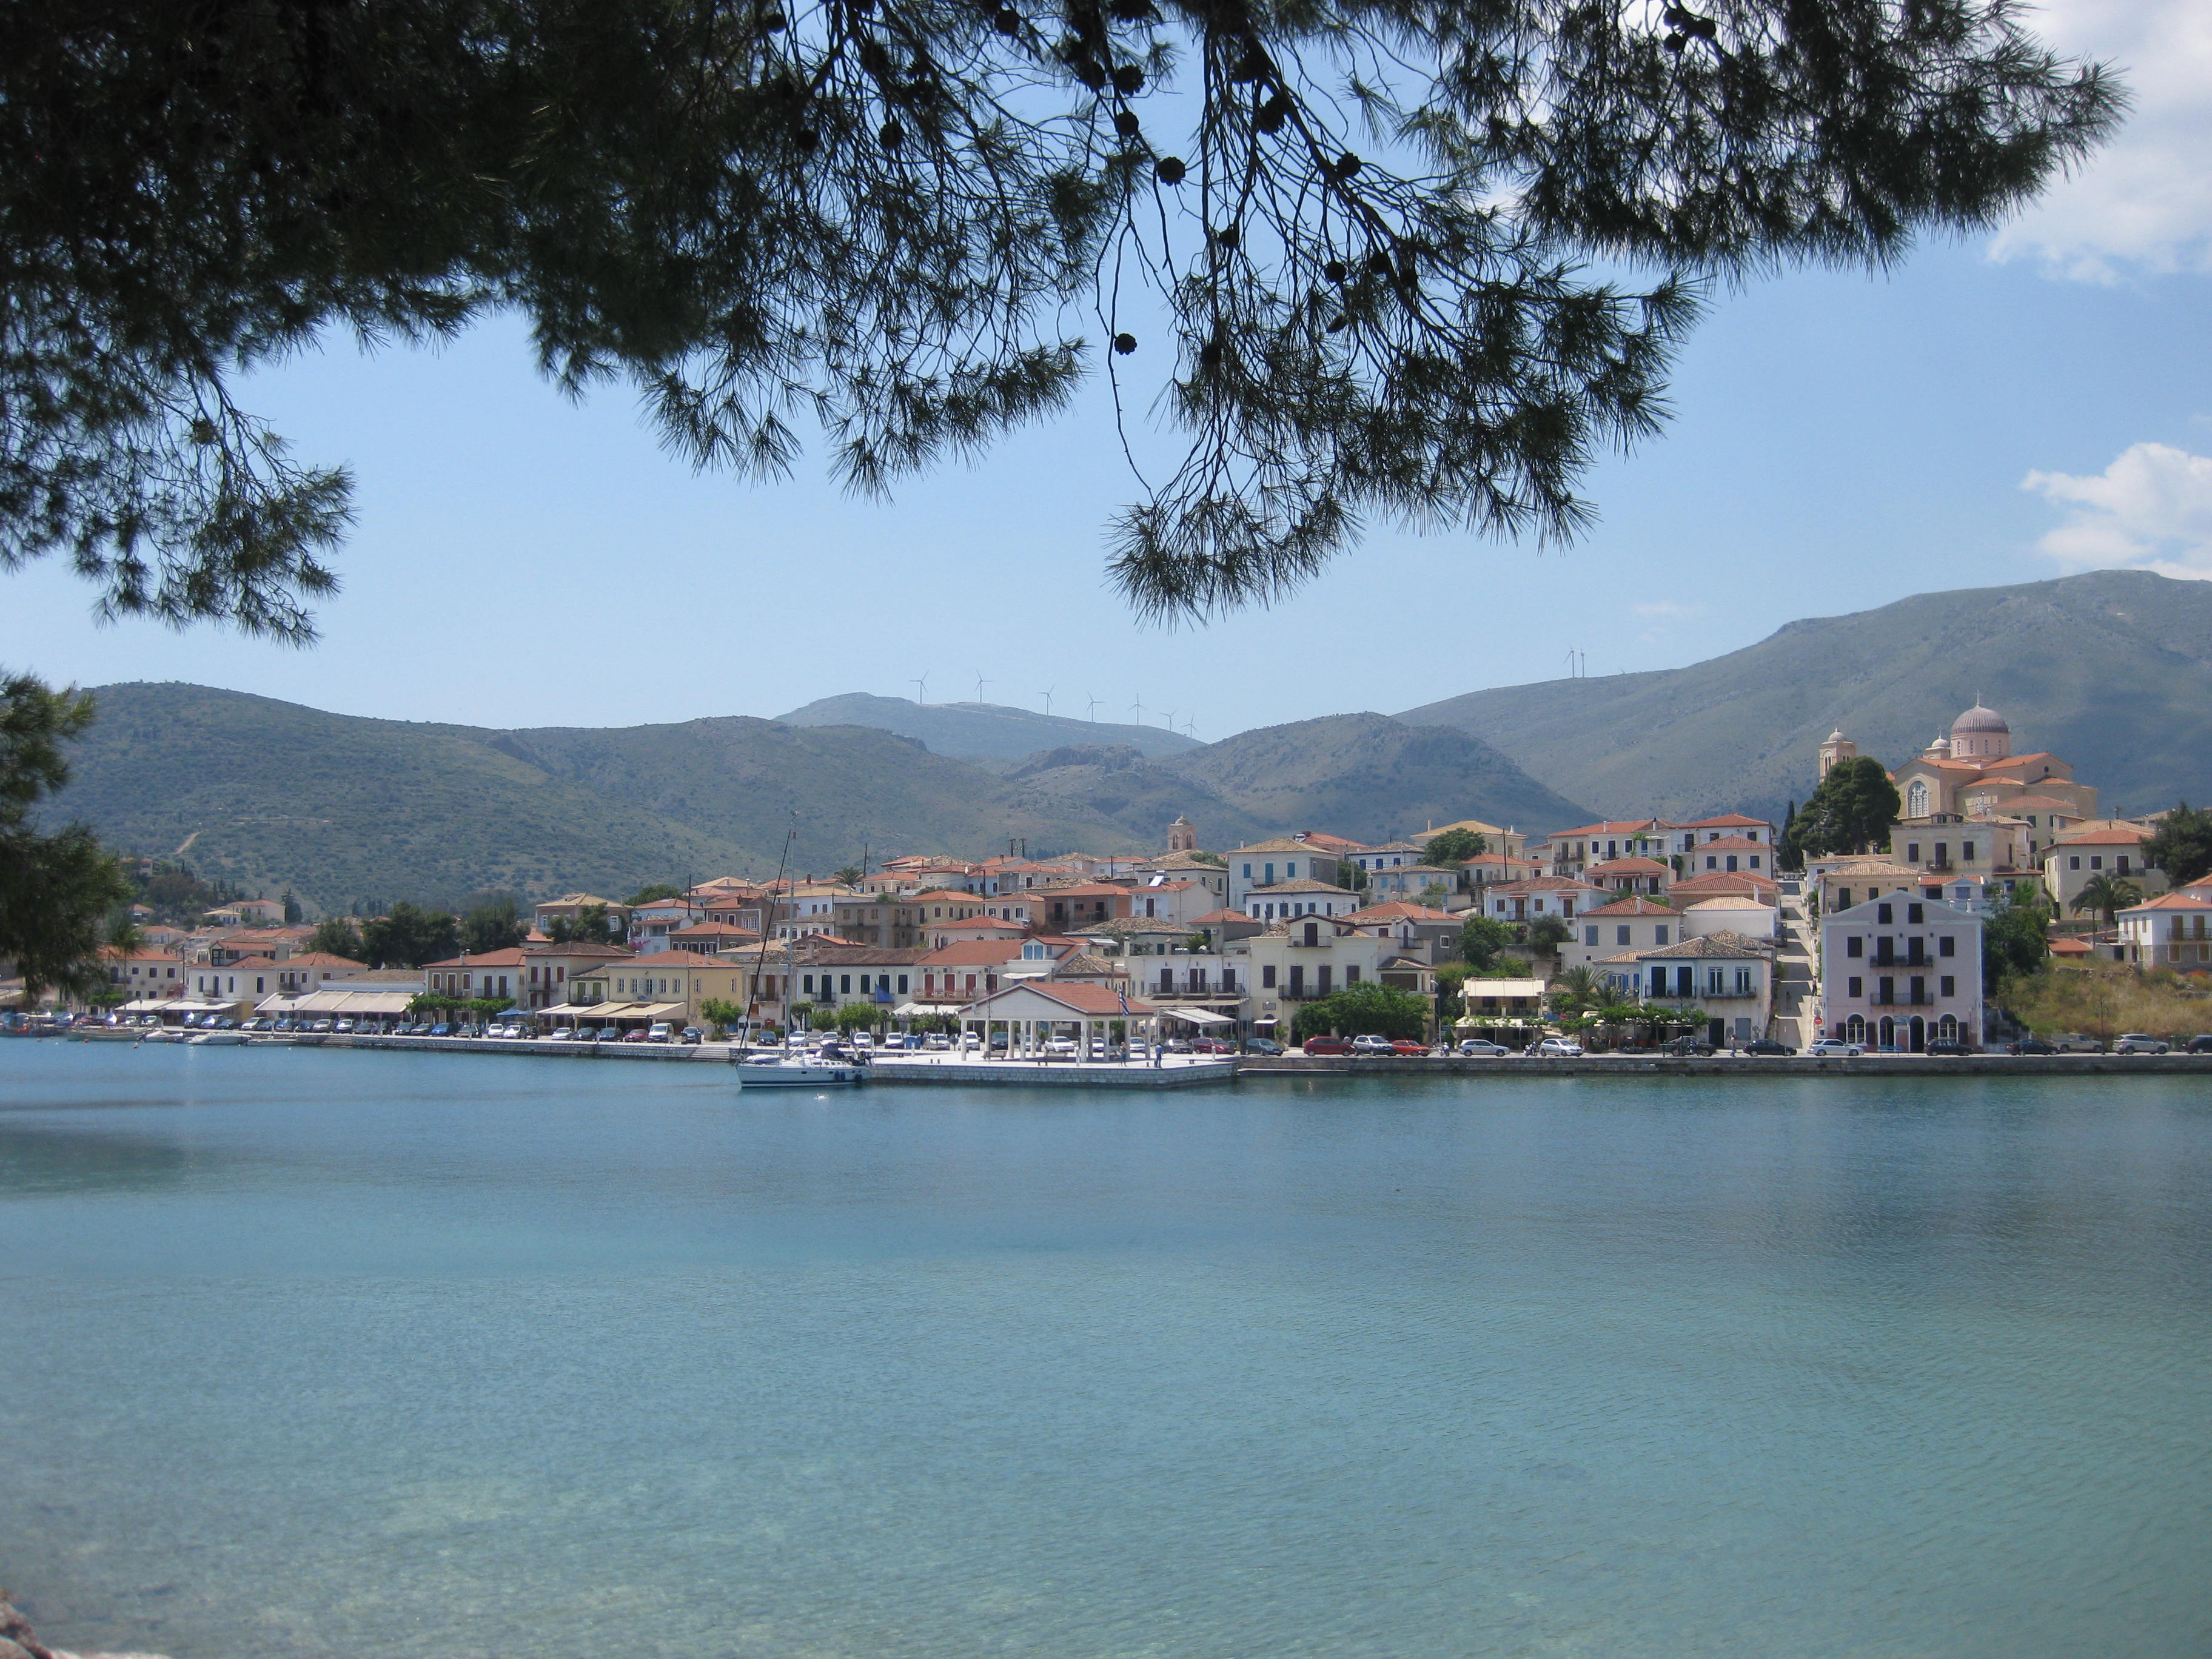 La cittadina di Galaxìdi è a pochi chilometri da Delfi e dai suoi monti